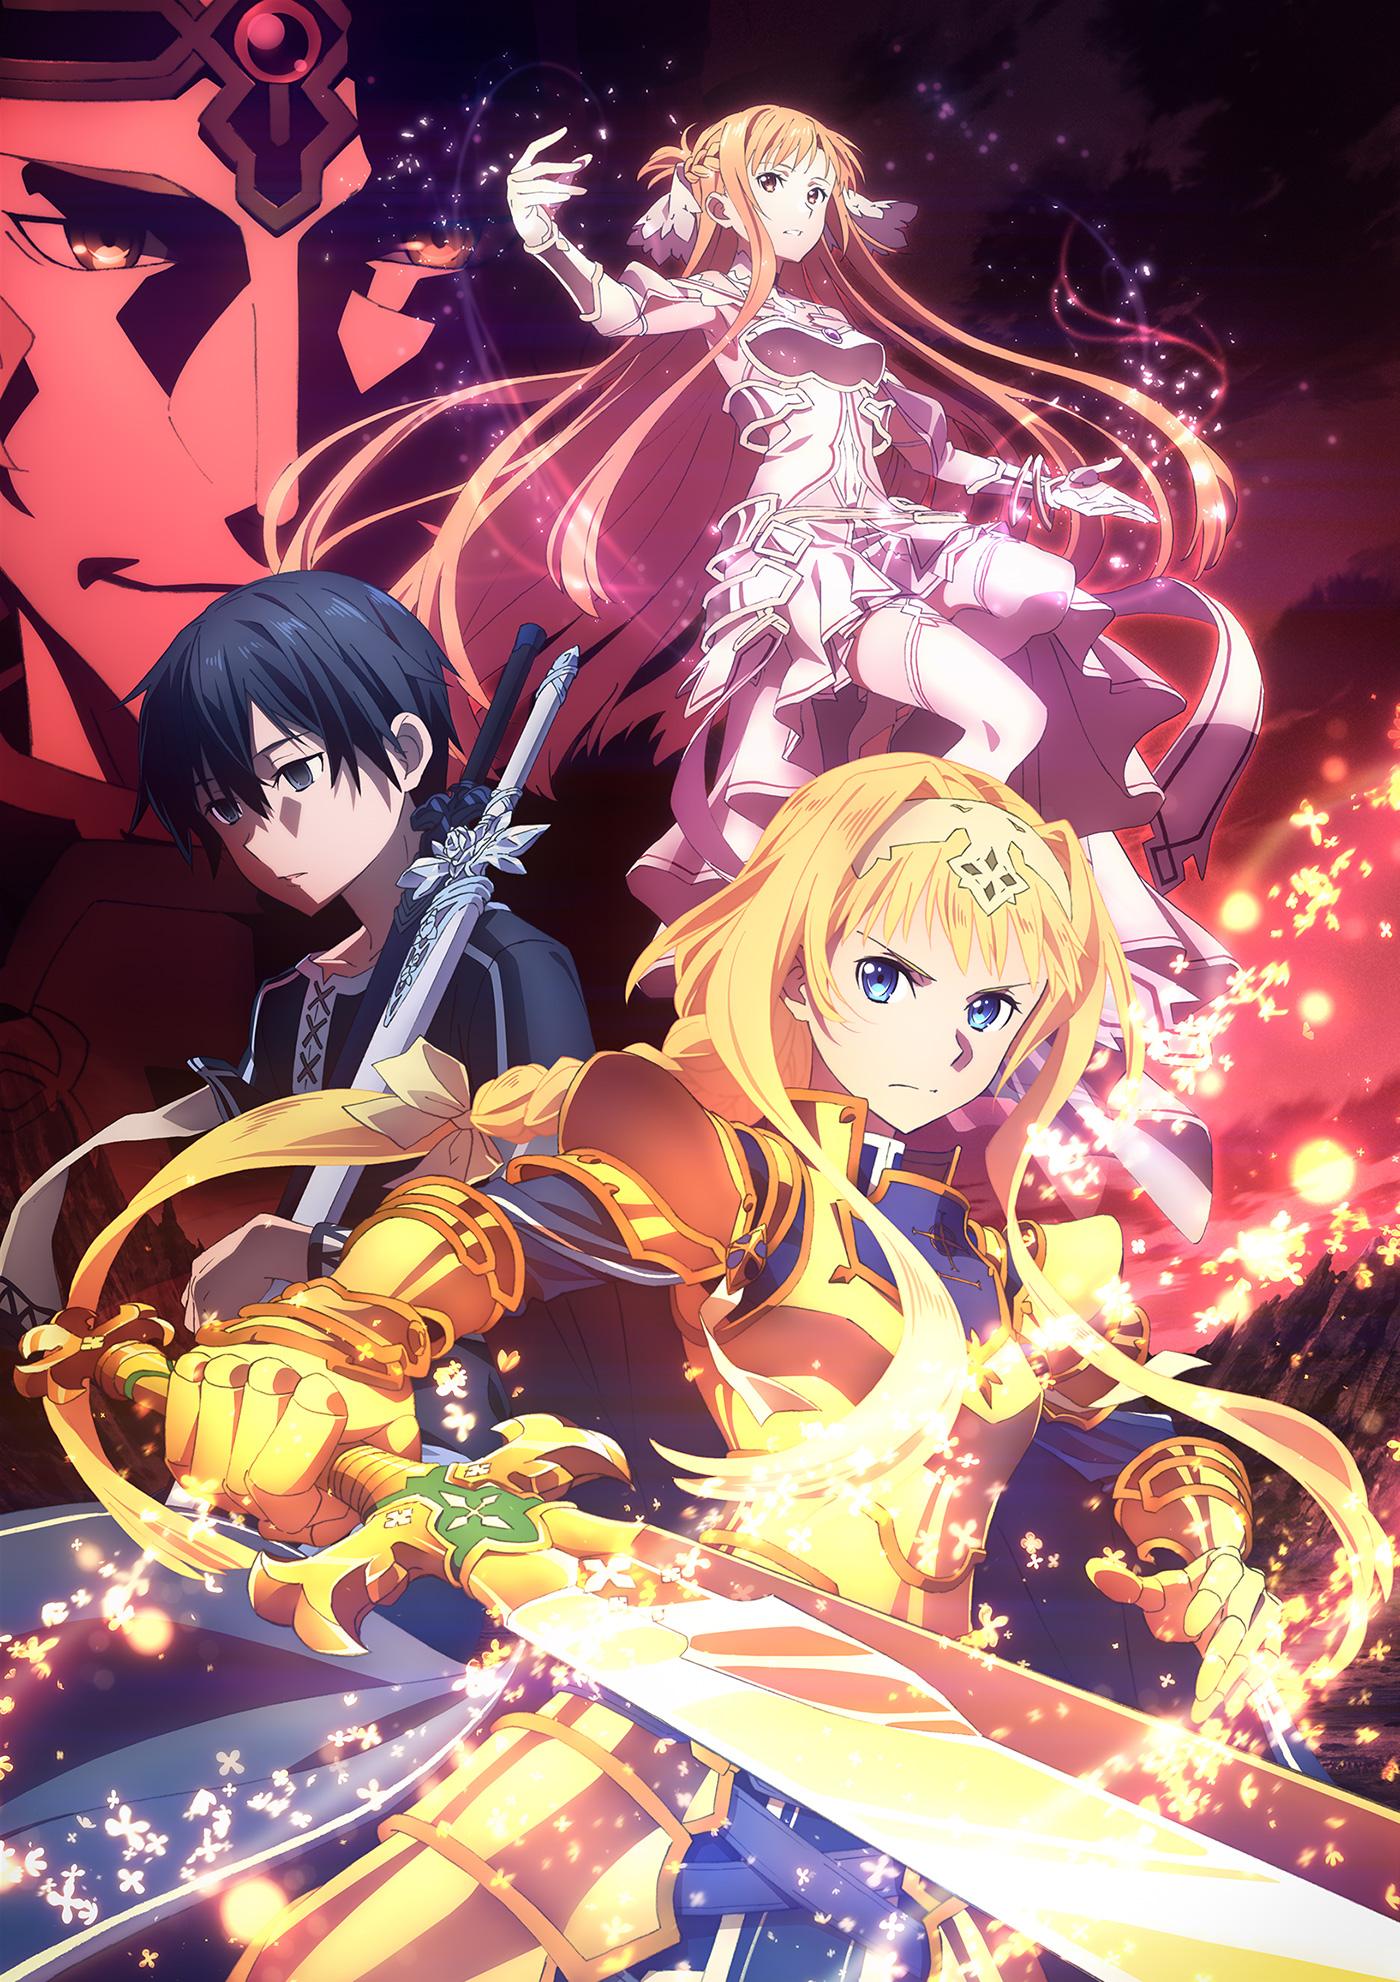 Sword Art Online Alicization War of Underworld visual Siêu phẩm Sword Art Online: Alicization   War of Underworld chính thức quay trở lại vào ngày 12 tháng 10